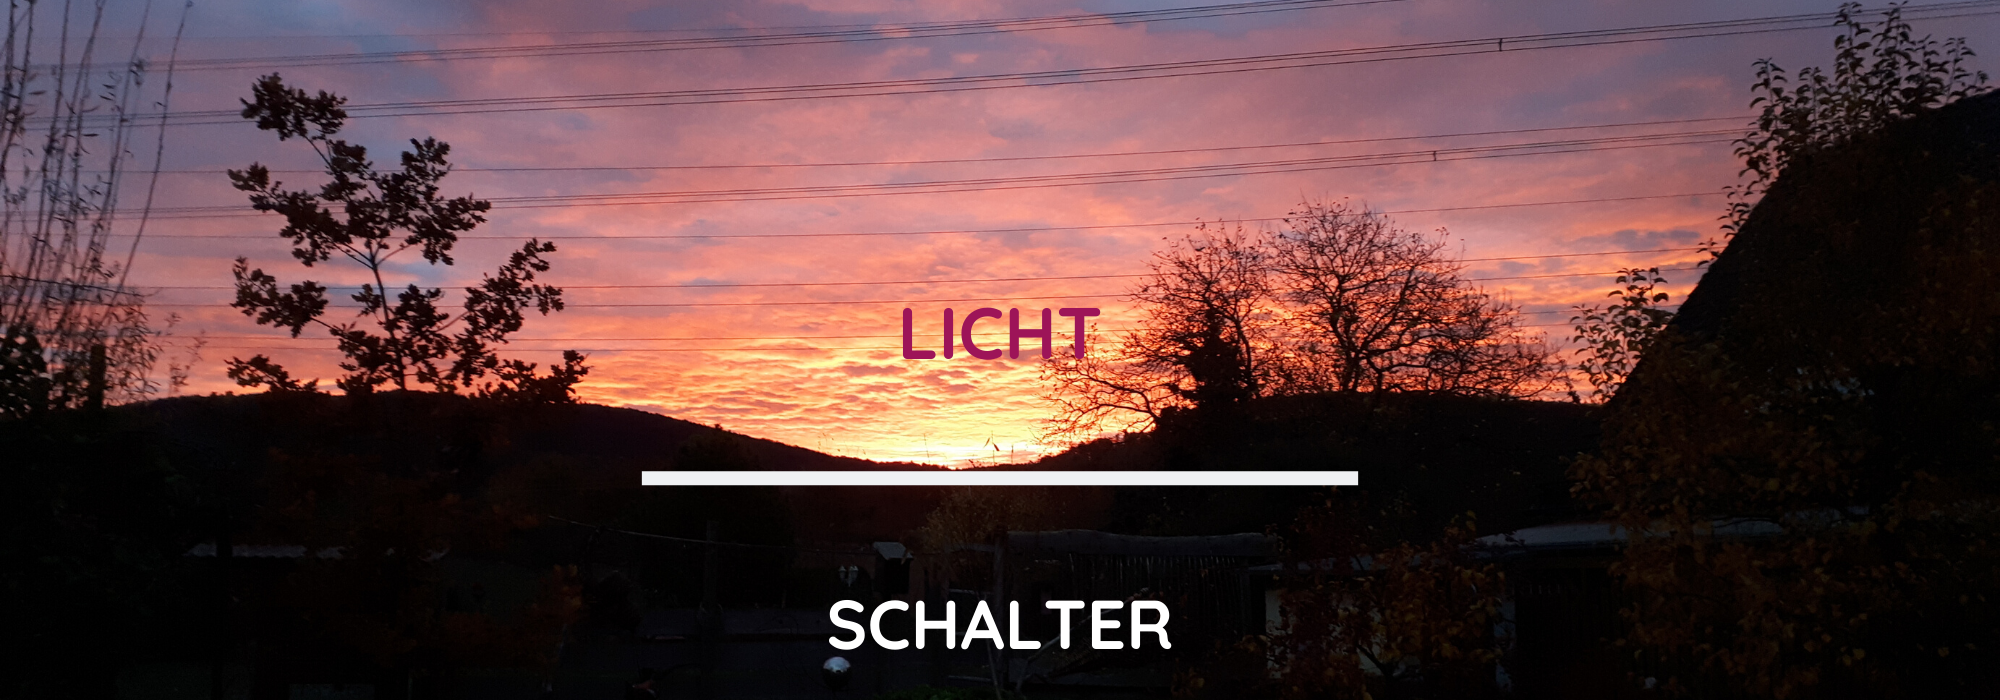 Header 3.2. - LICHT - VON EUCH